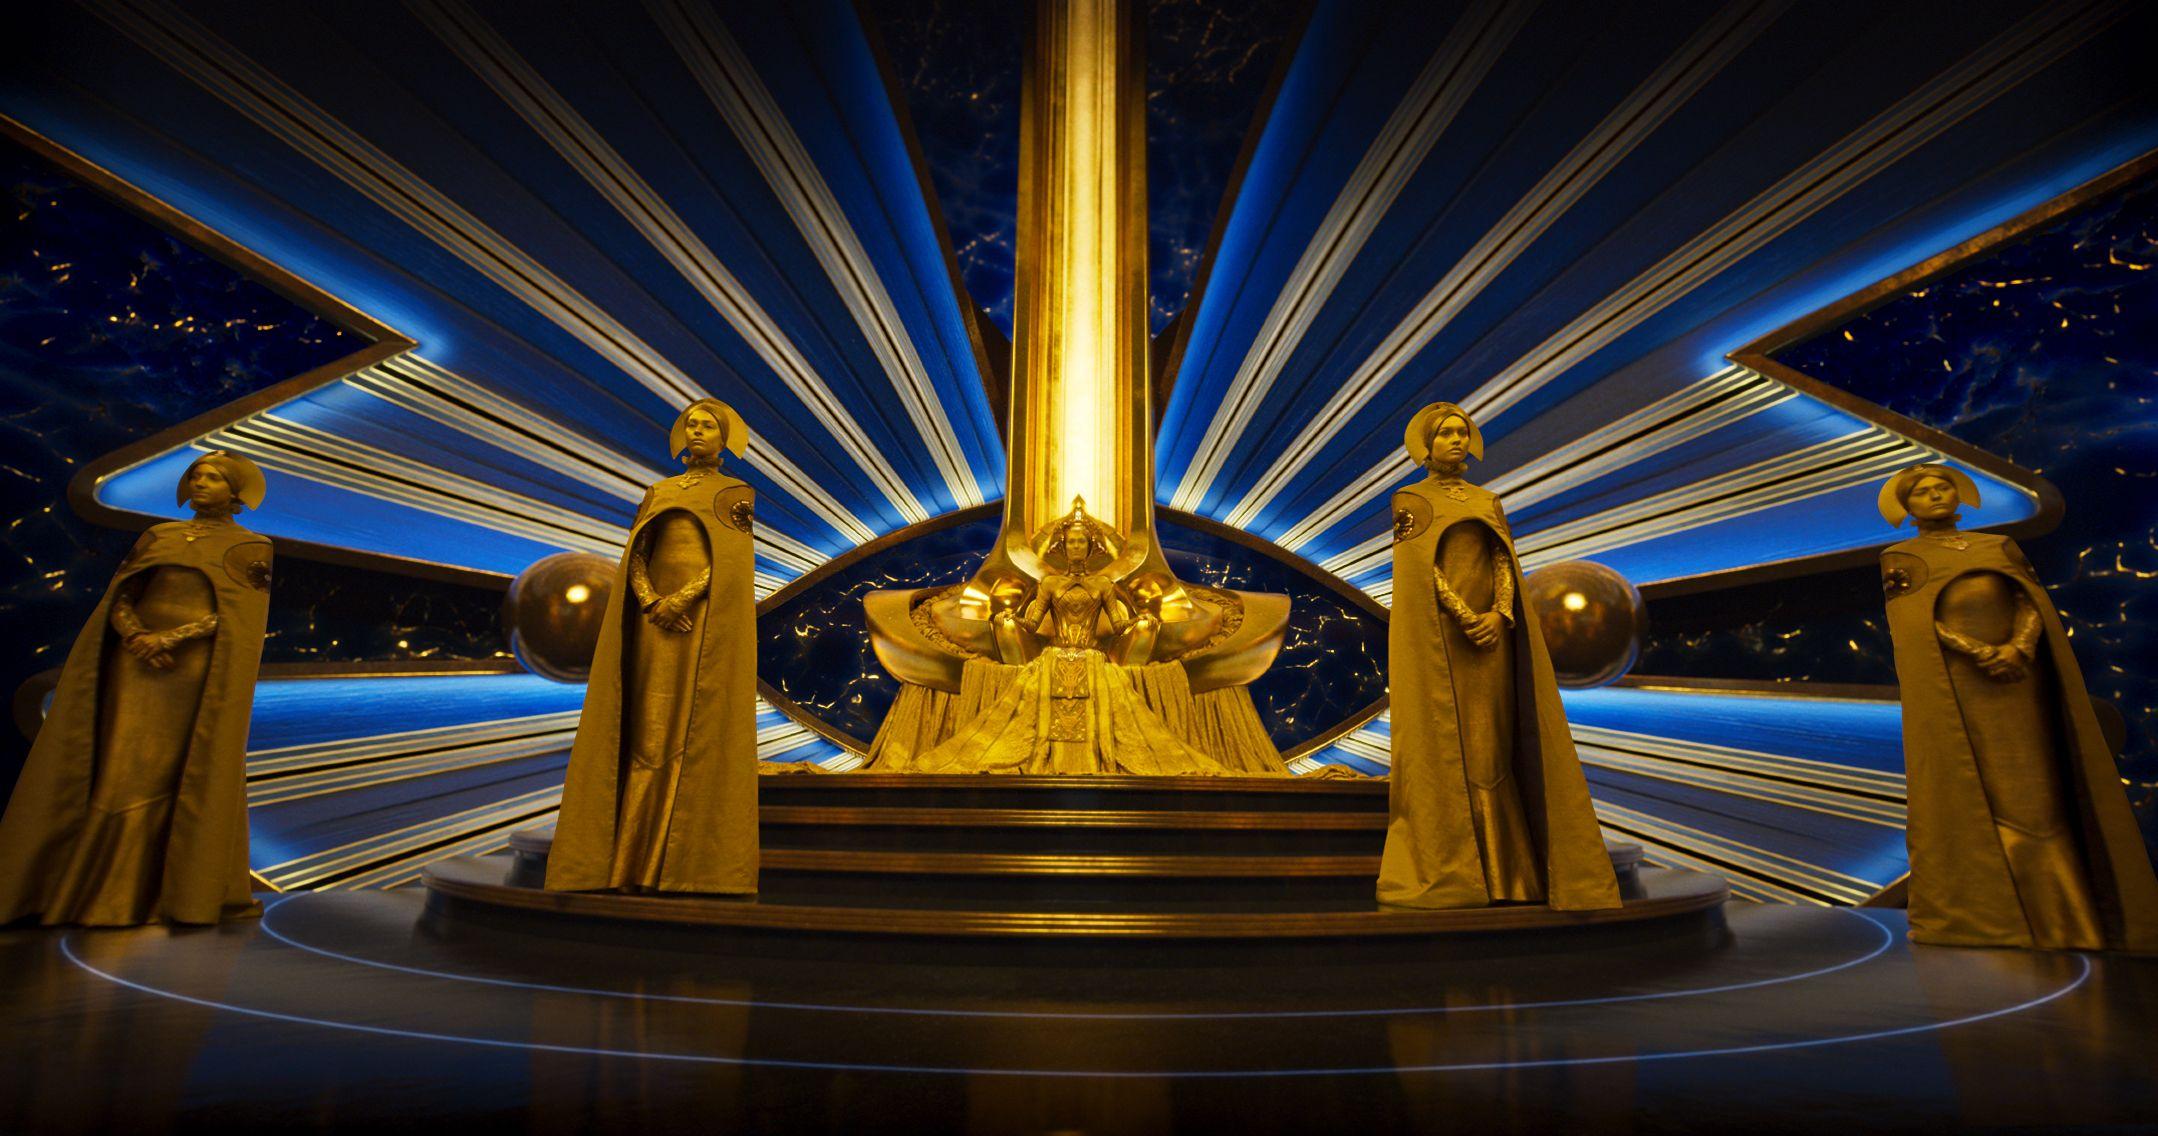 guardians-of-the-galaxy-2-image-elizabeth-debicki-ayesha.jpg